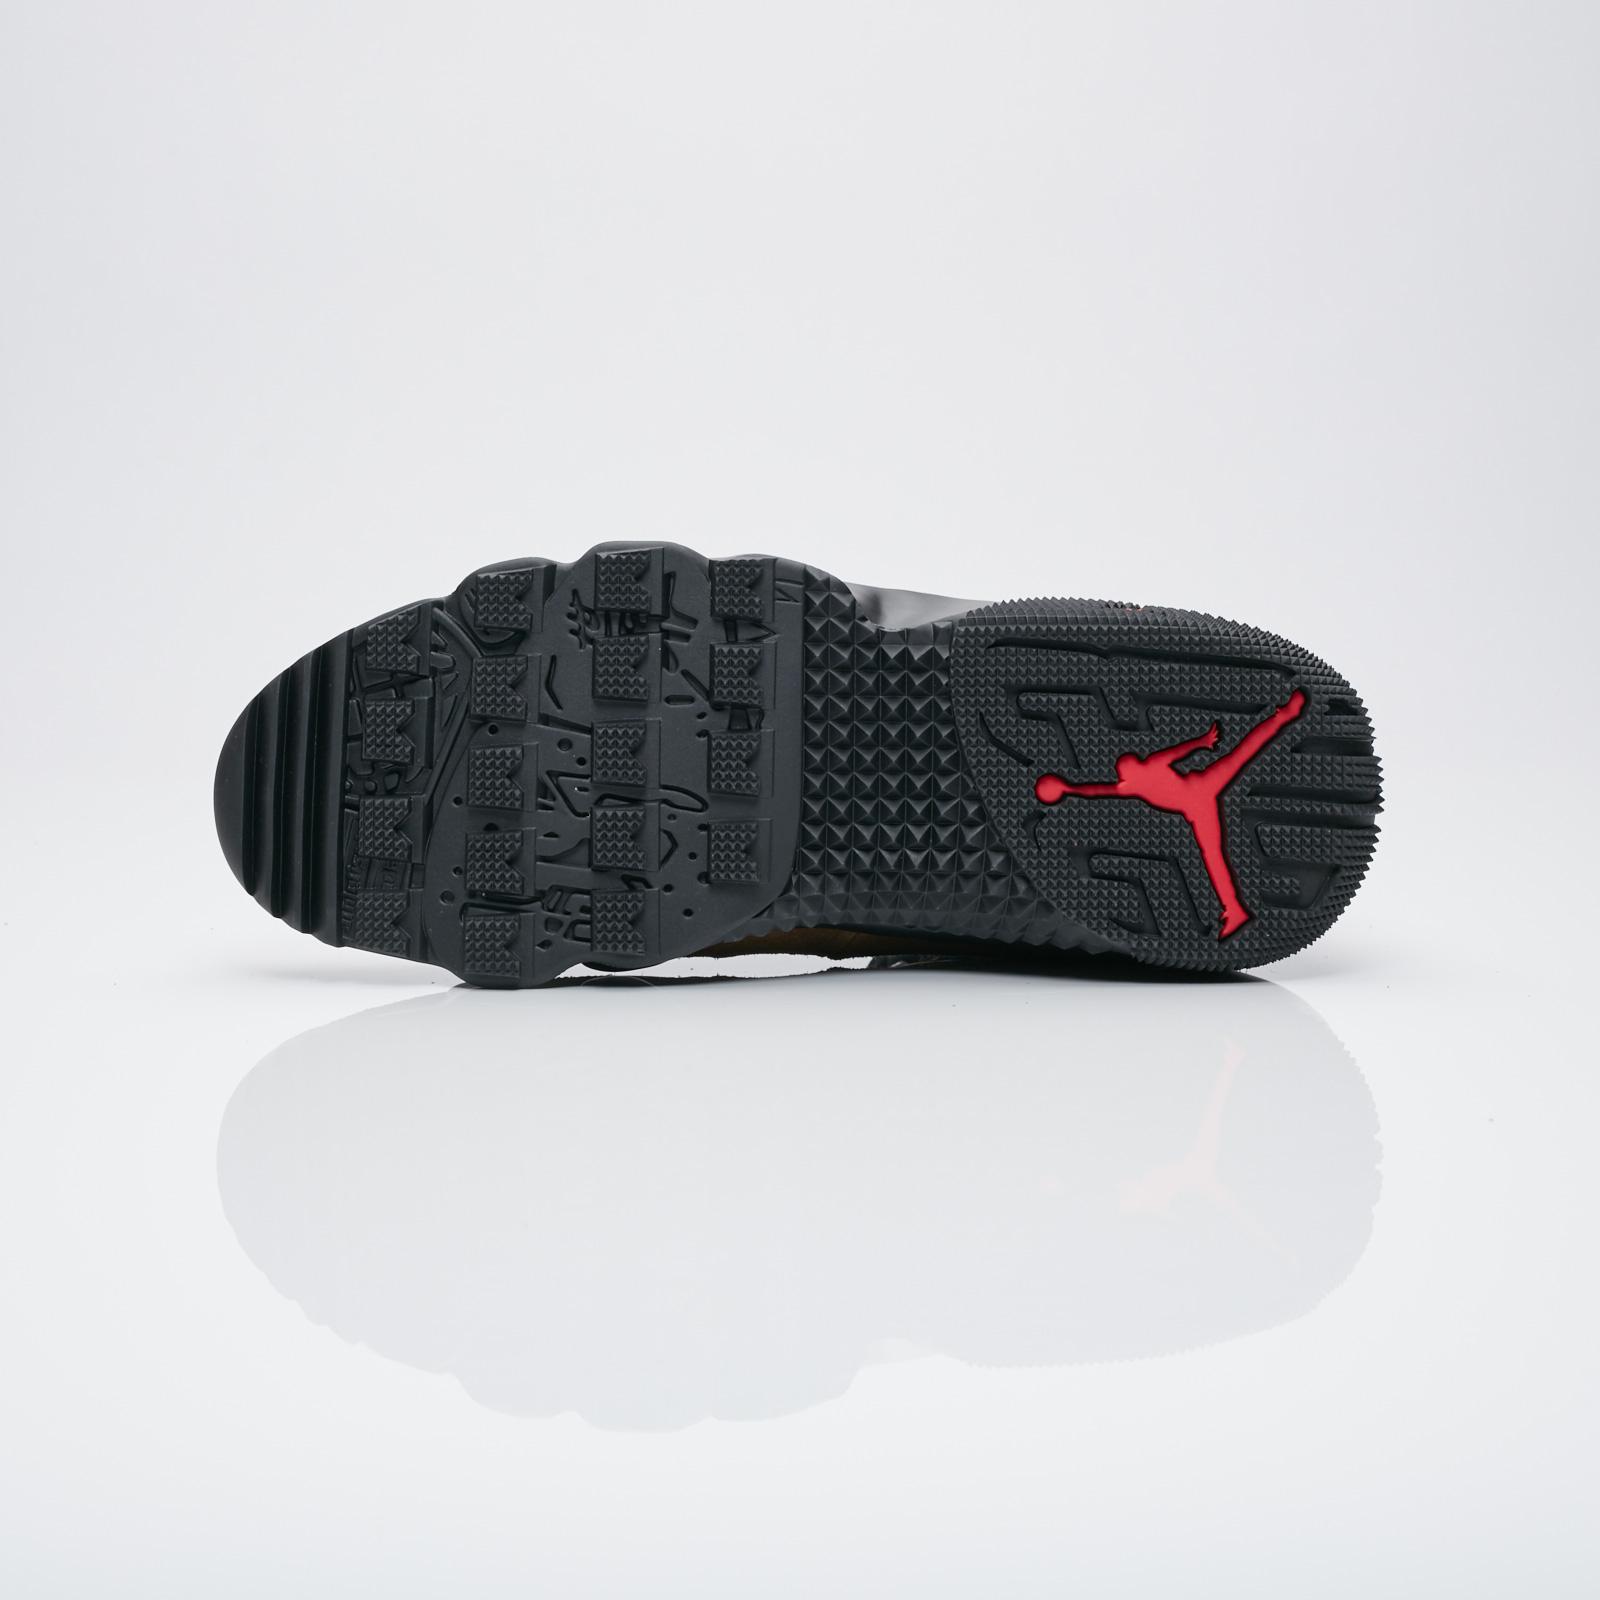 7571d9c5a4d359 Jordan Brand Air Jordan 9 Retro Boot NRG - Ar4491-012 ...